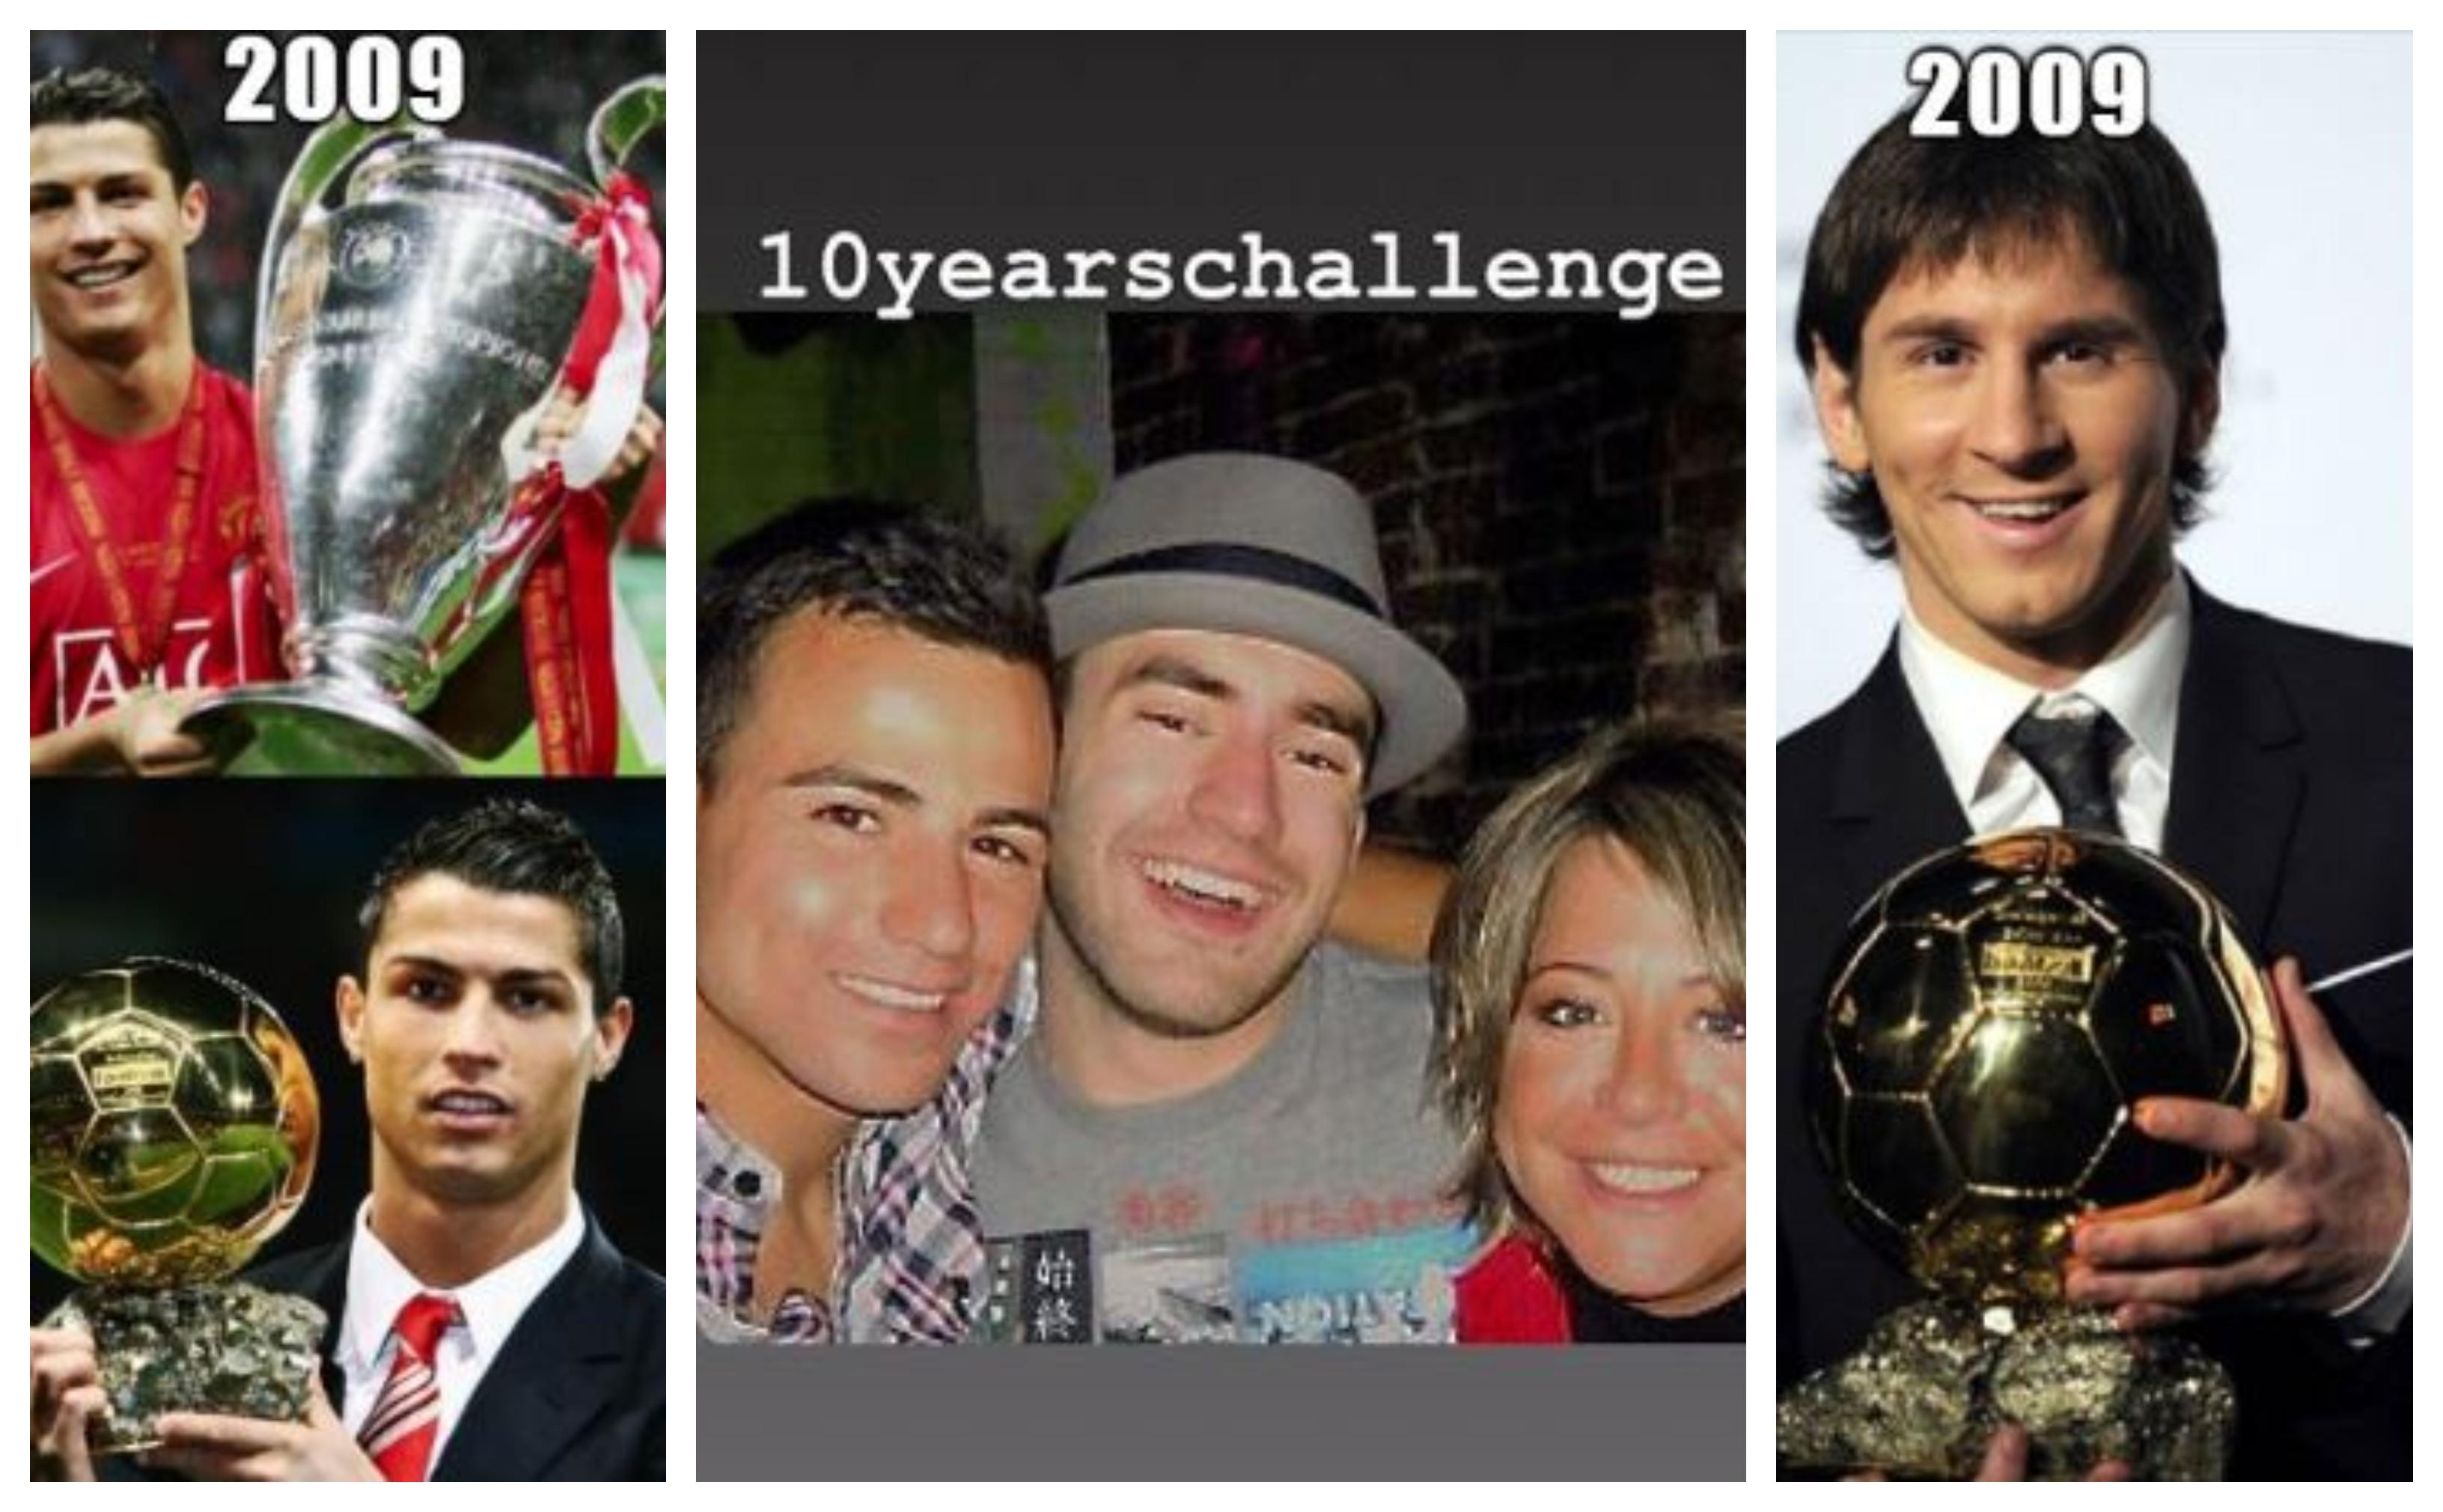 Los futbolistas han sido parte del #10YearChallenge en las redes sociales. (Foto Prensa Libre: Twitter e Instagram)